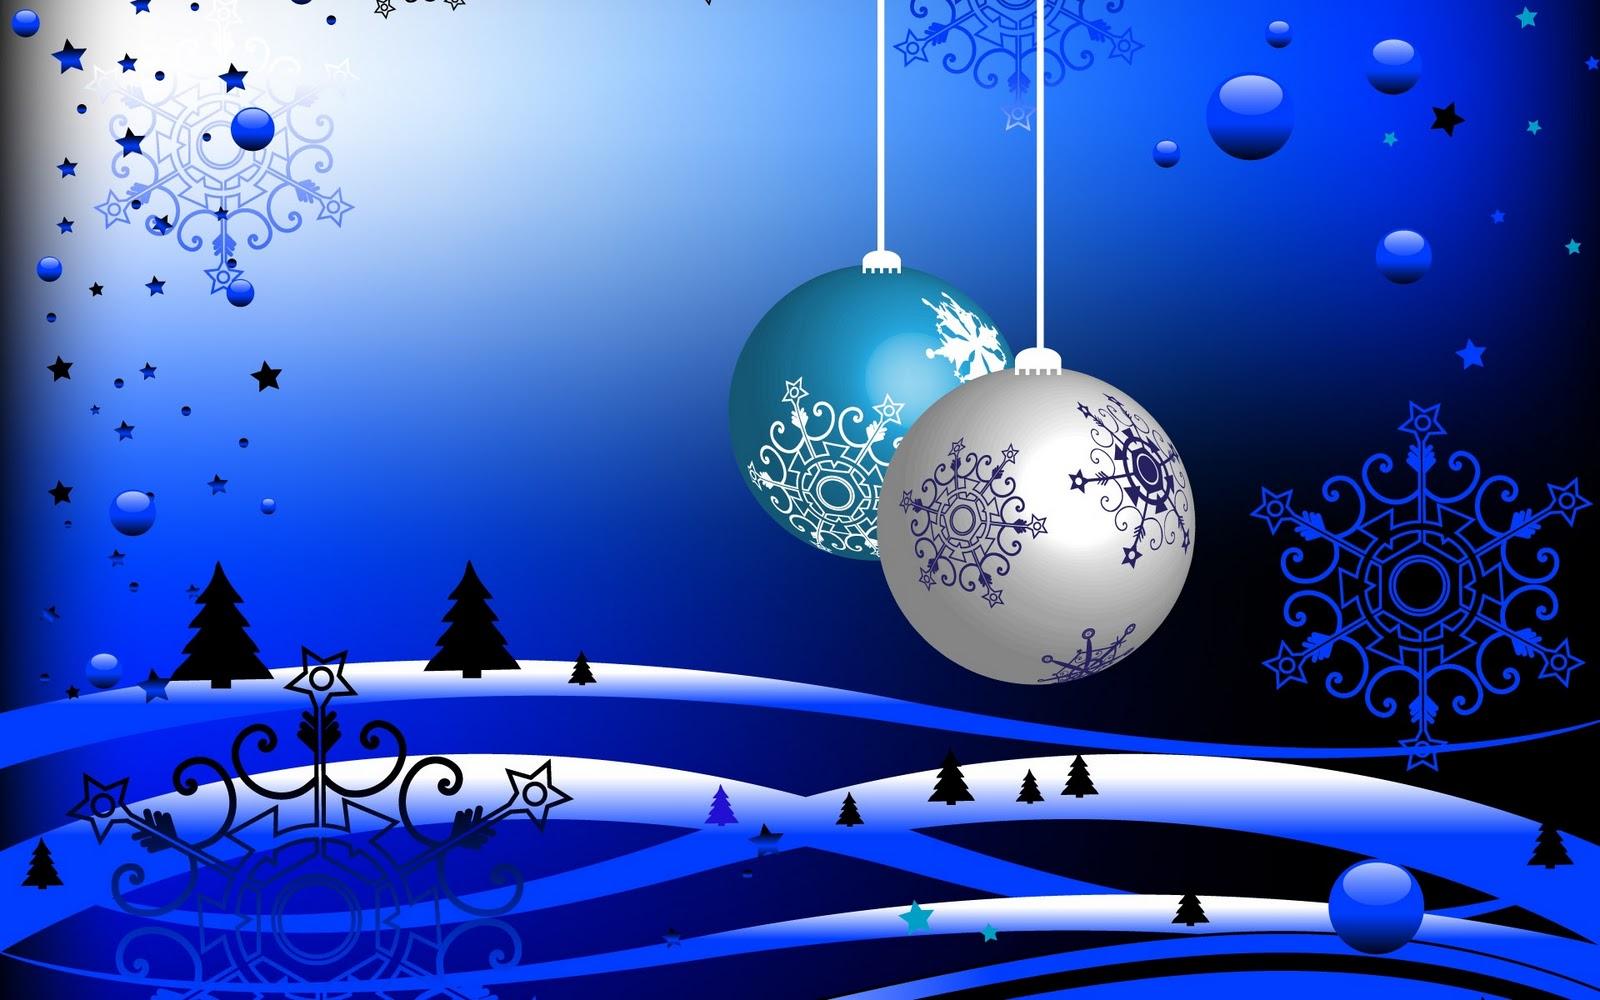 http://1.bp.blogspot.com/-YcRS6_IpsOU/TrPnIwOeKyI/AAAAAAAABB8/m_9Kqh8oWlg/s1600/christmas-balls.jpg